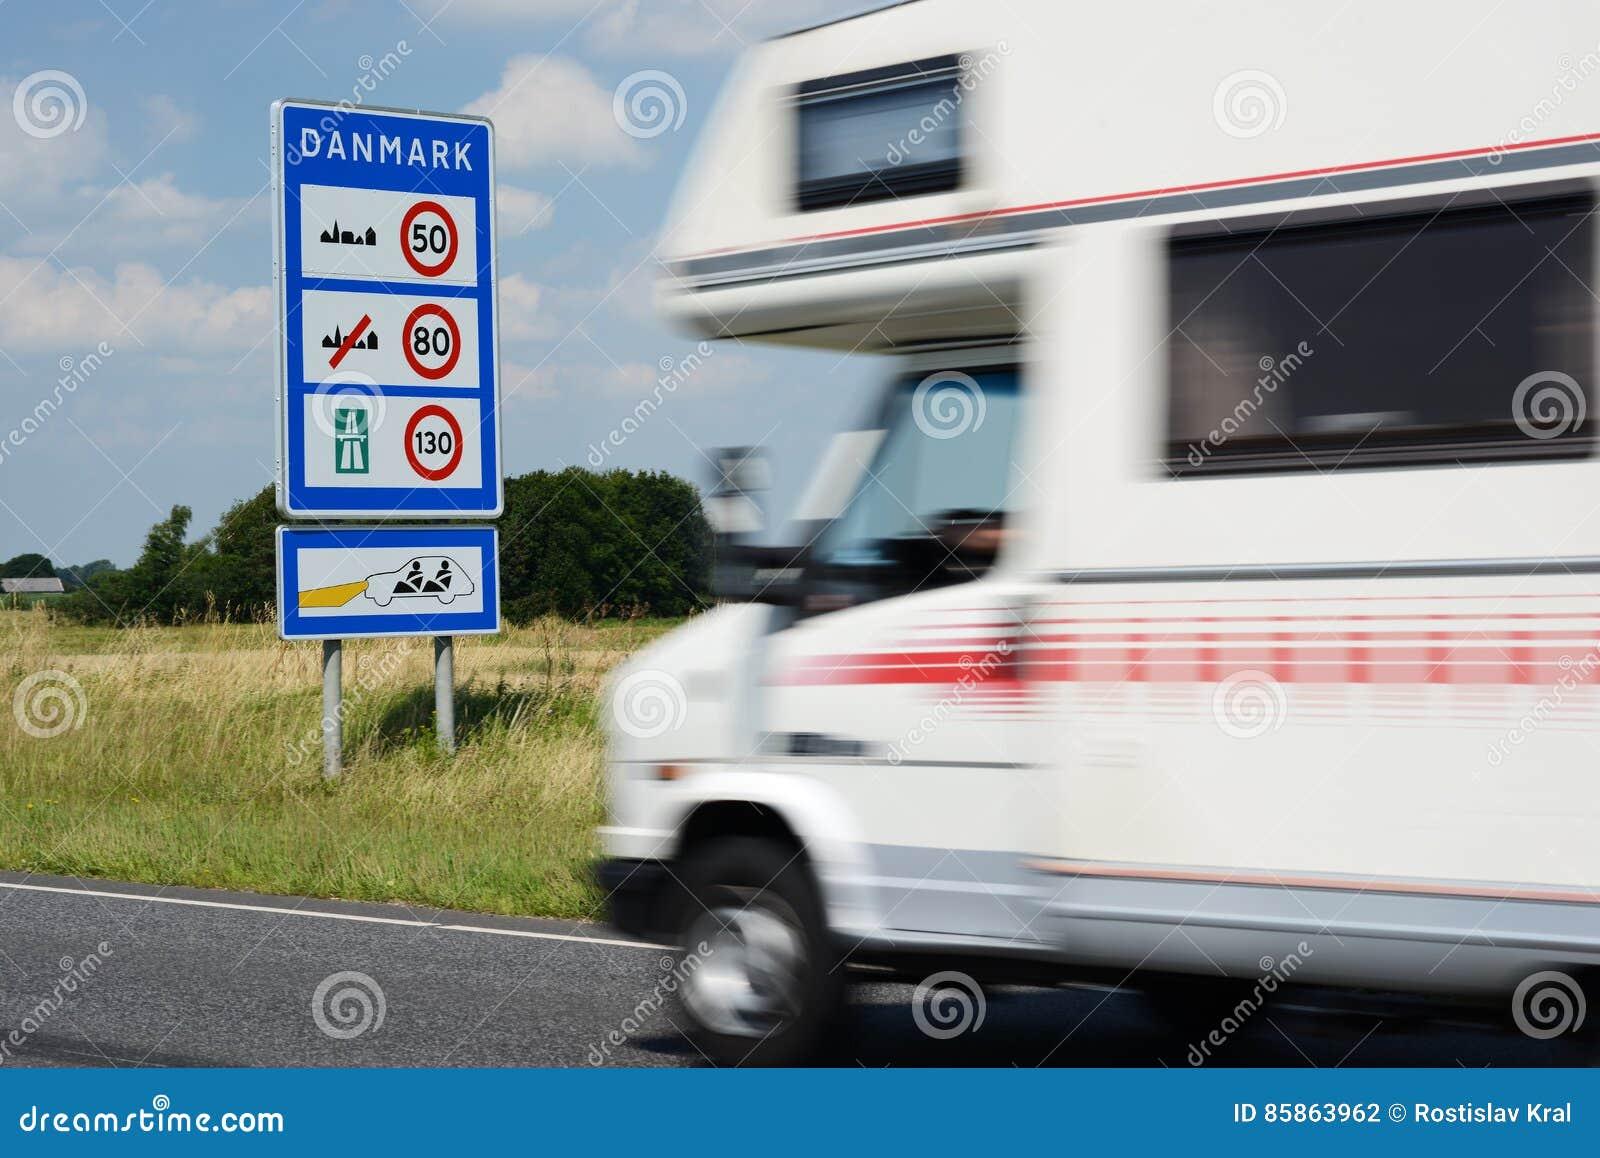 Danish Border